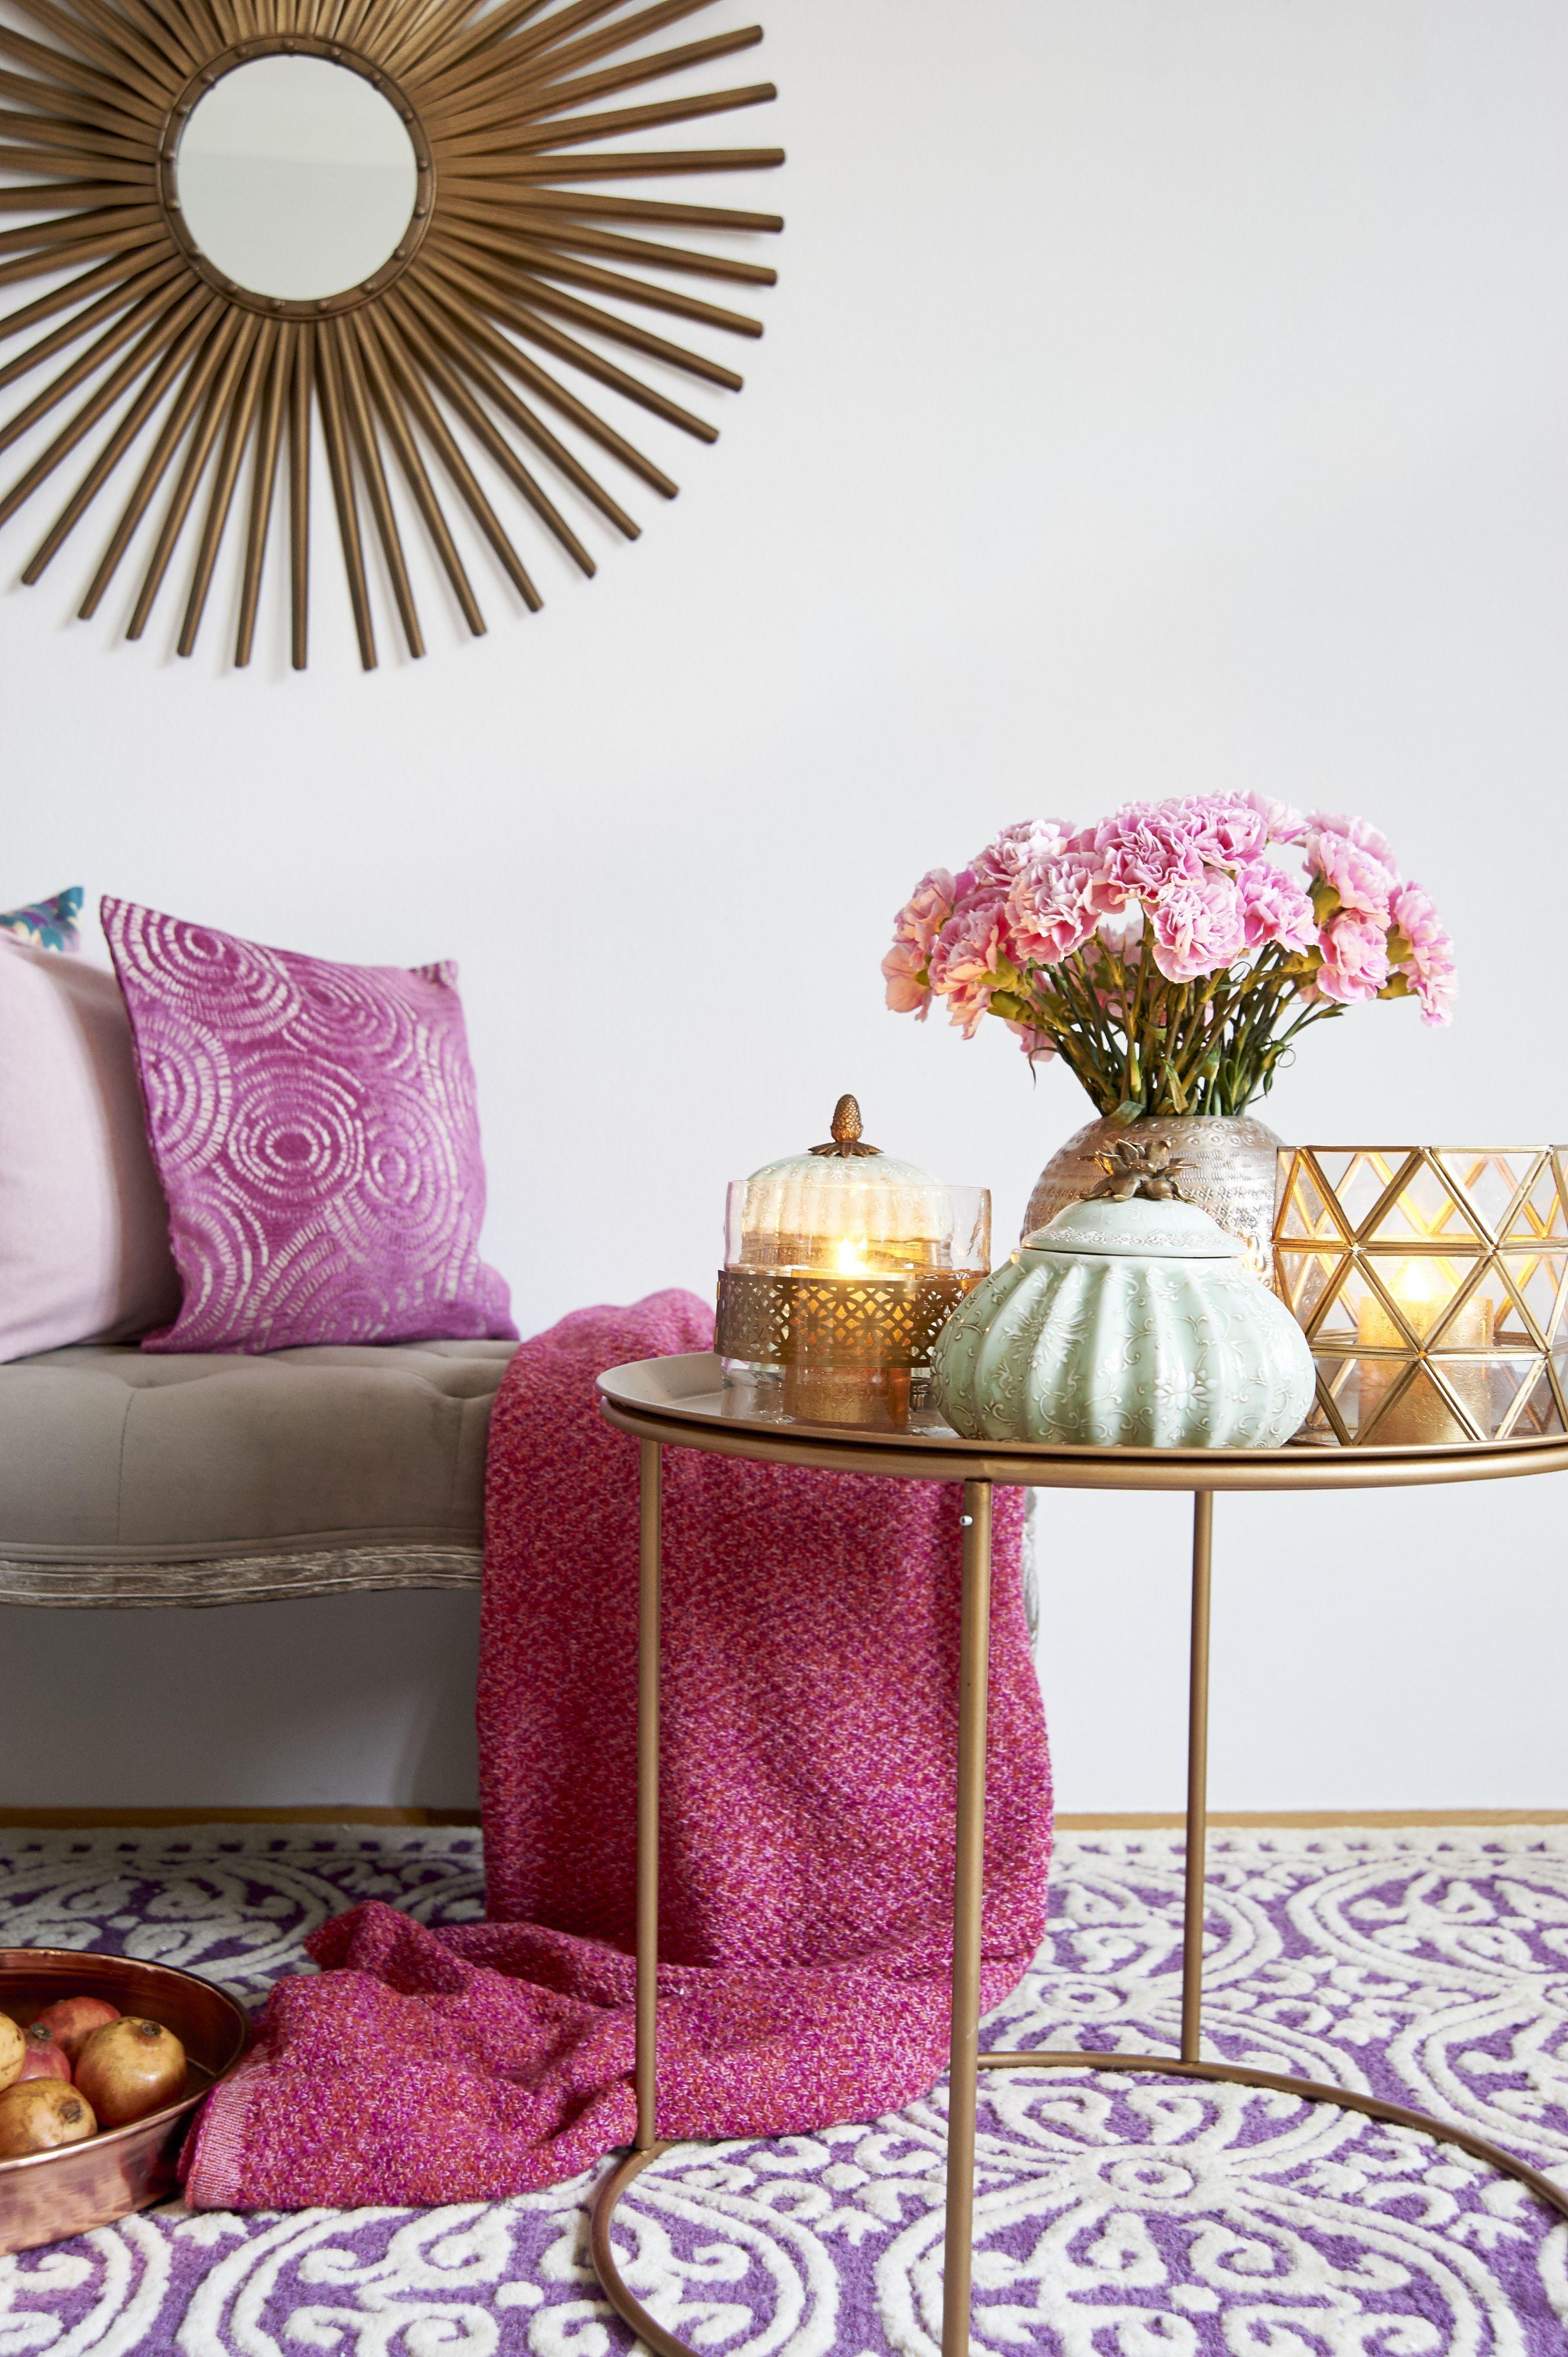 awesome einfache dekoration und mobel orientalisches flair mit perserteppichen #5: Cosy Boho